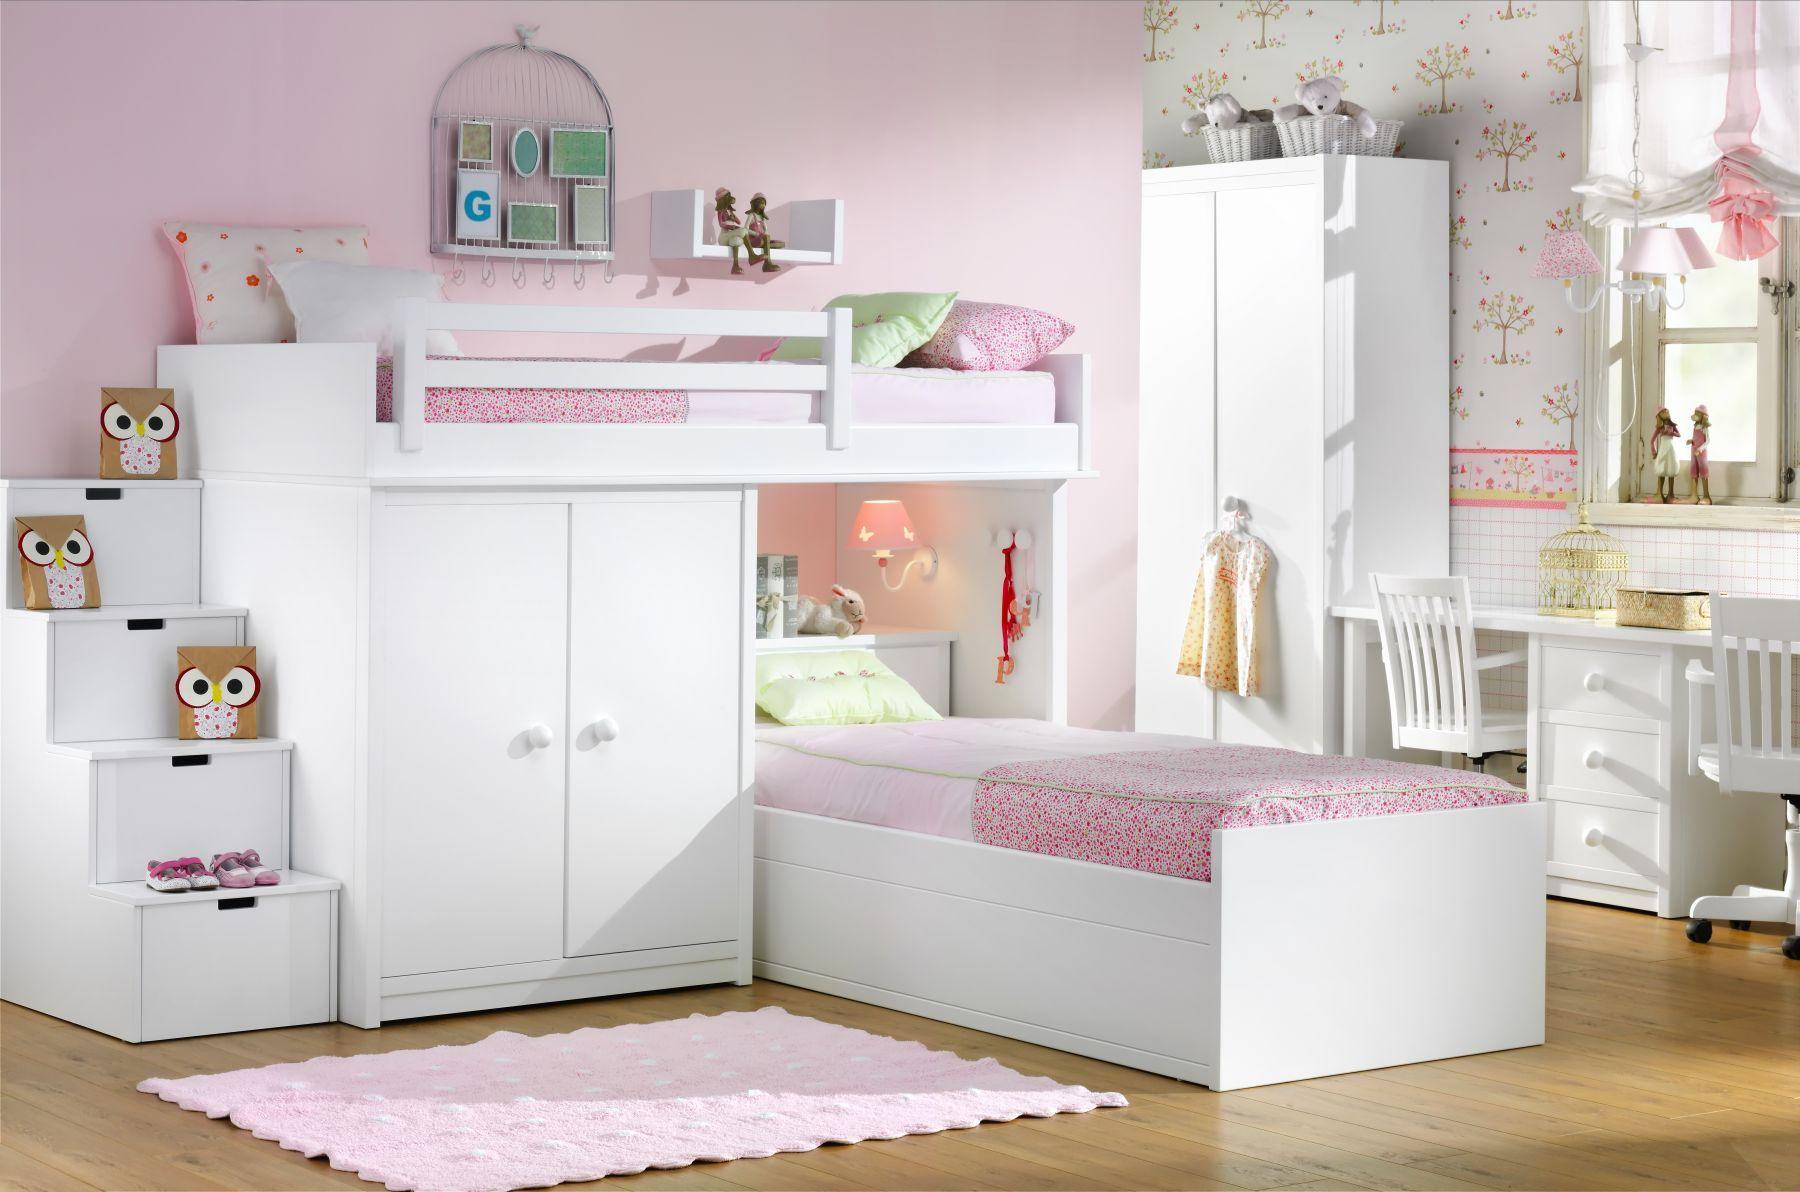 garabatos tiendas de mobiliario juvenil e infantil